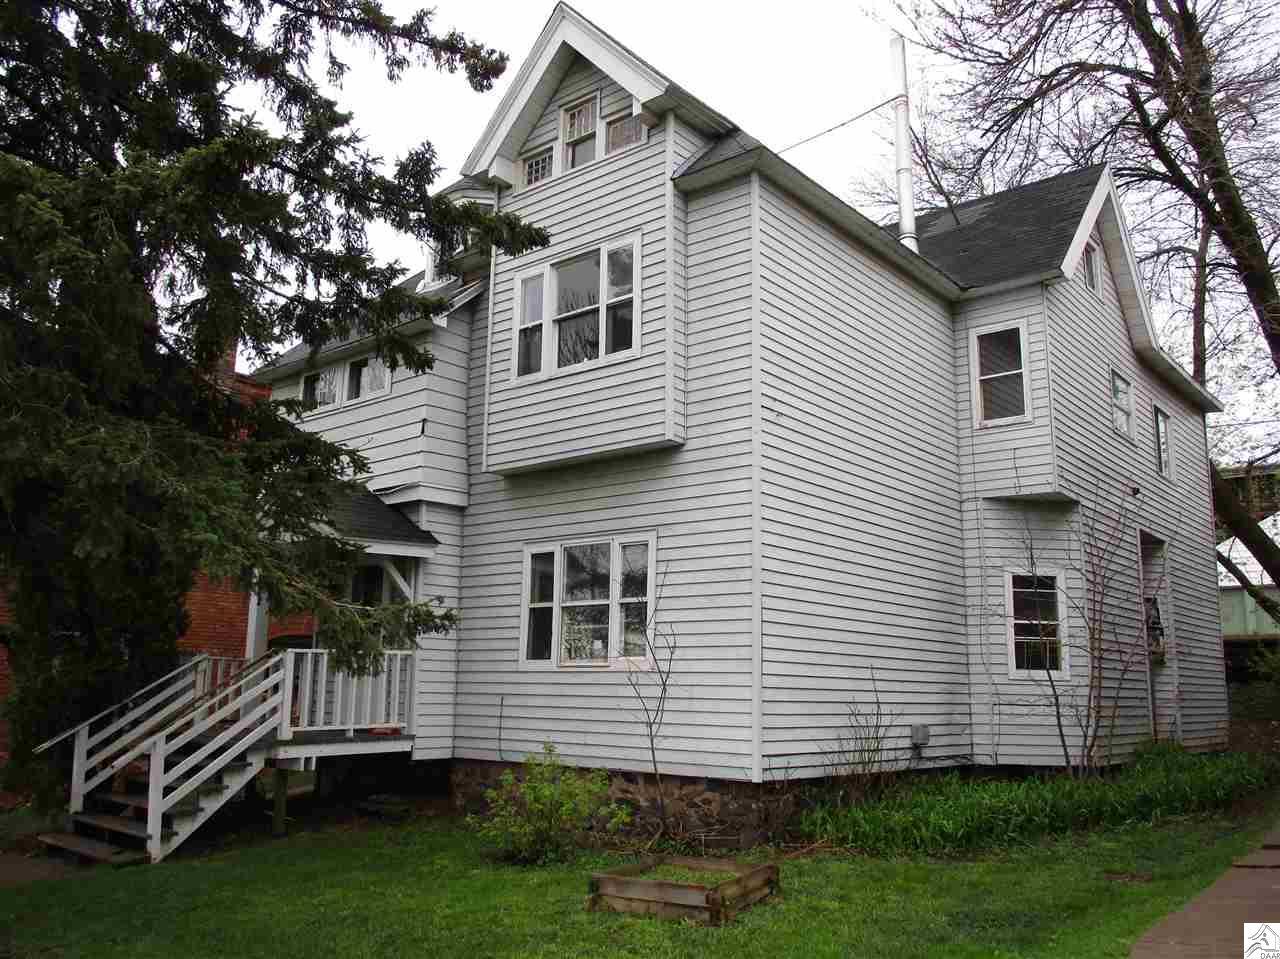 205 E 3rd St, Duluth, MN 55805